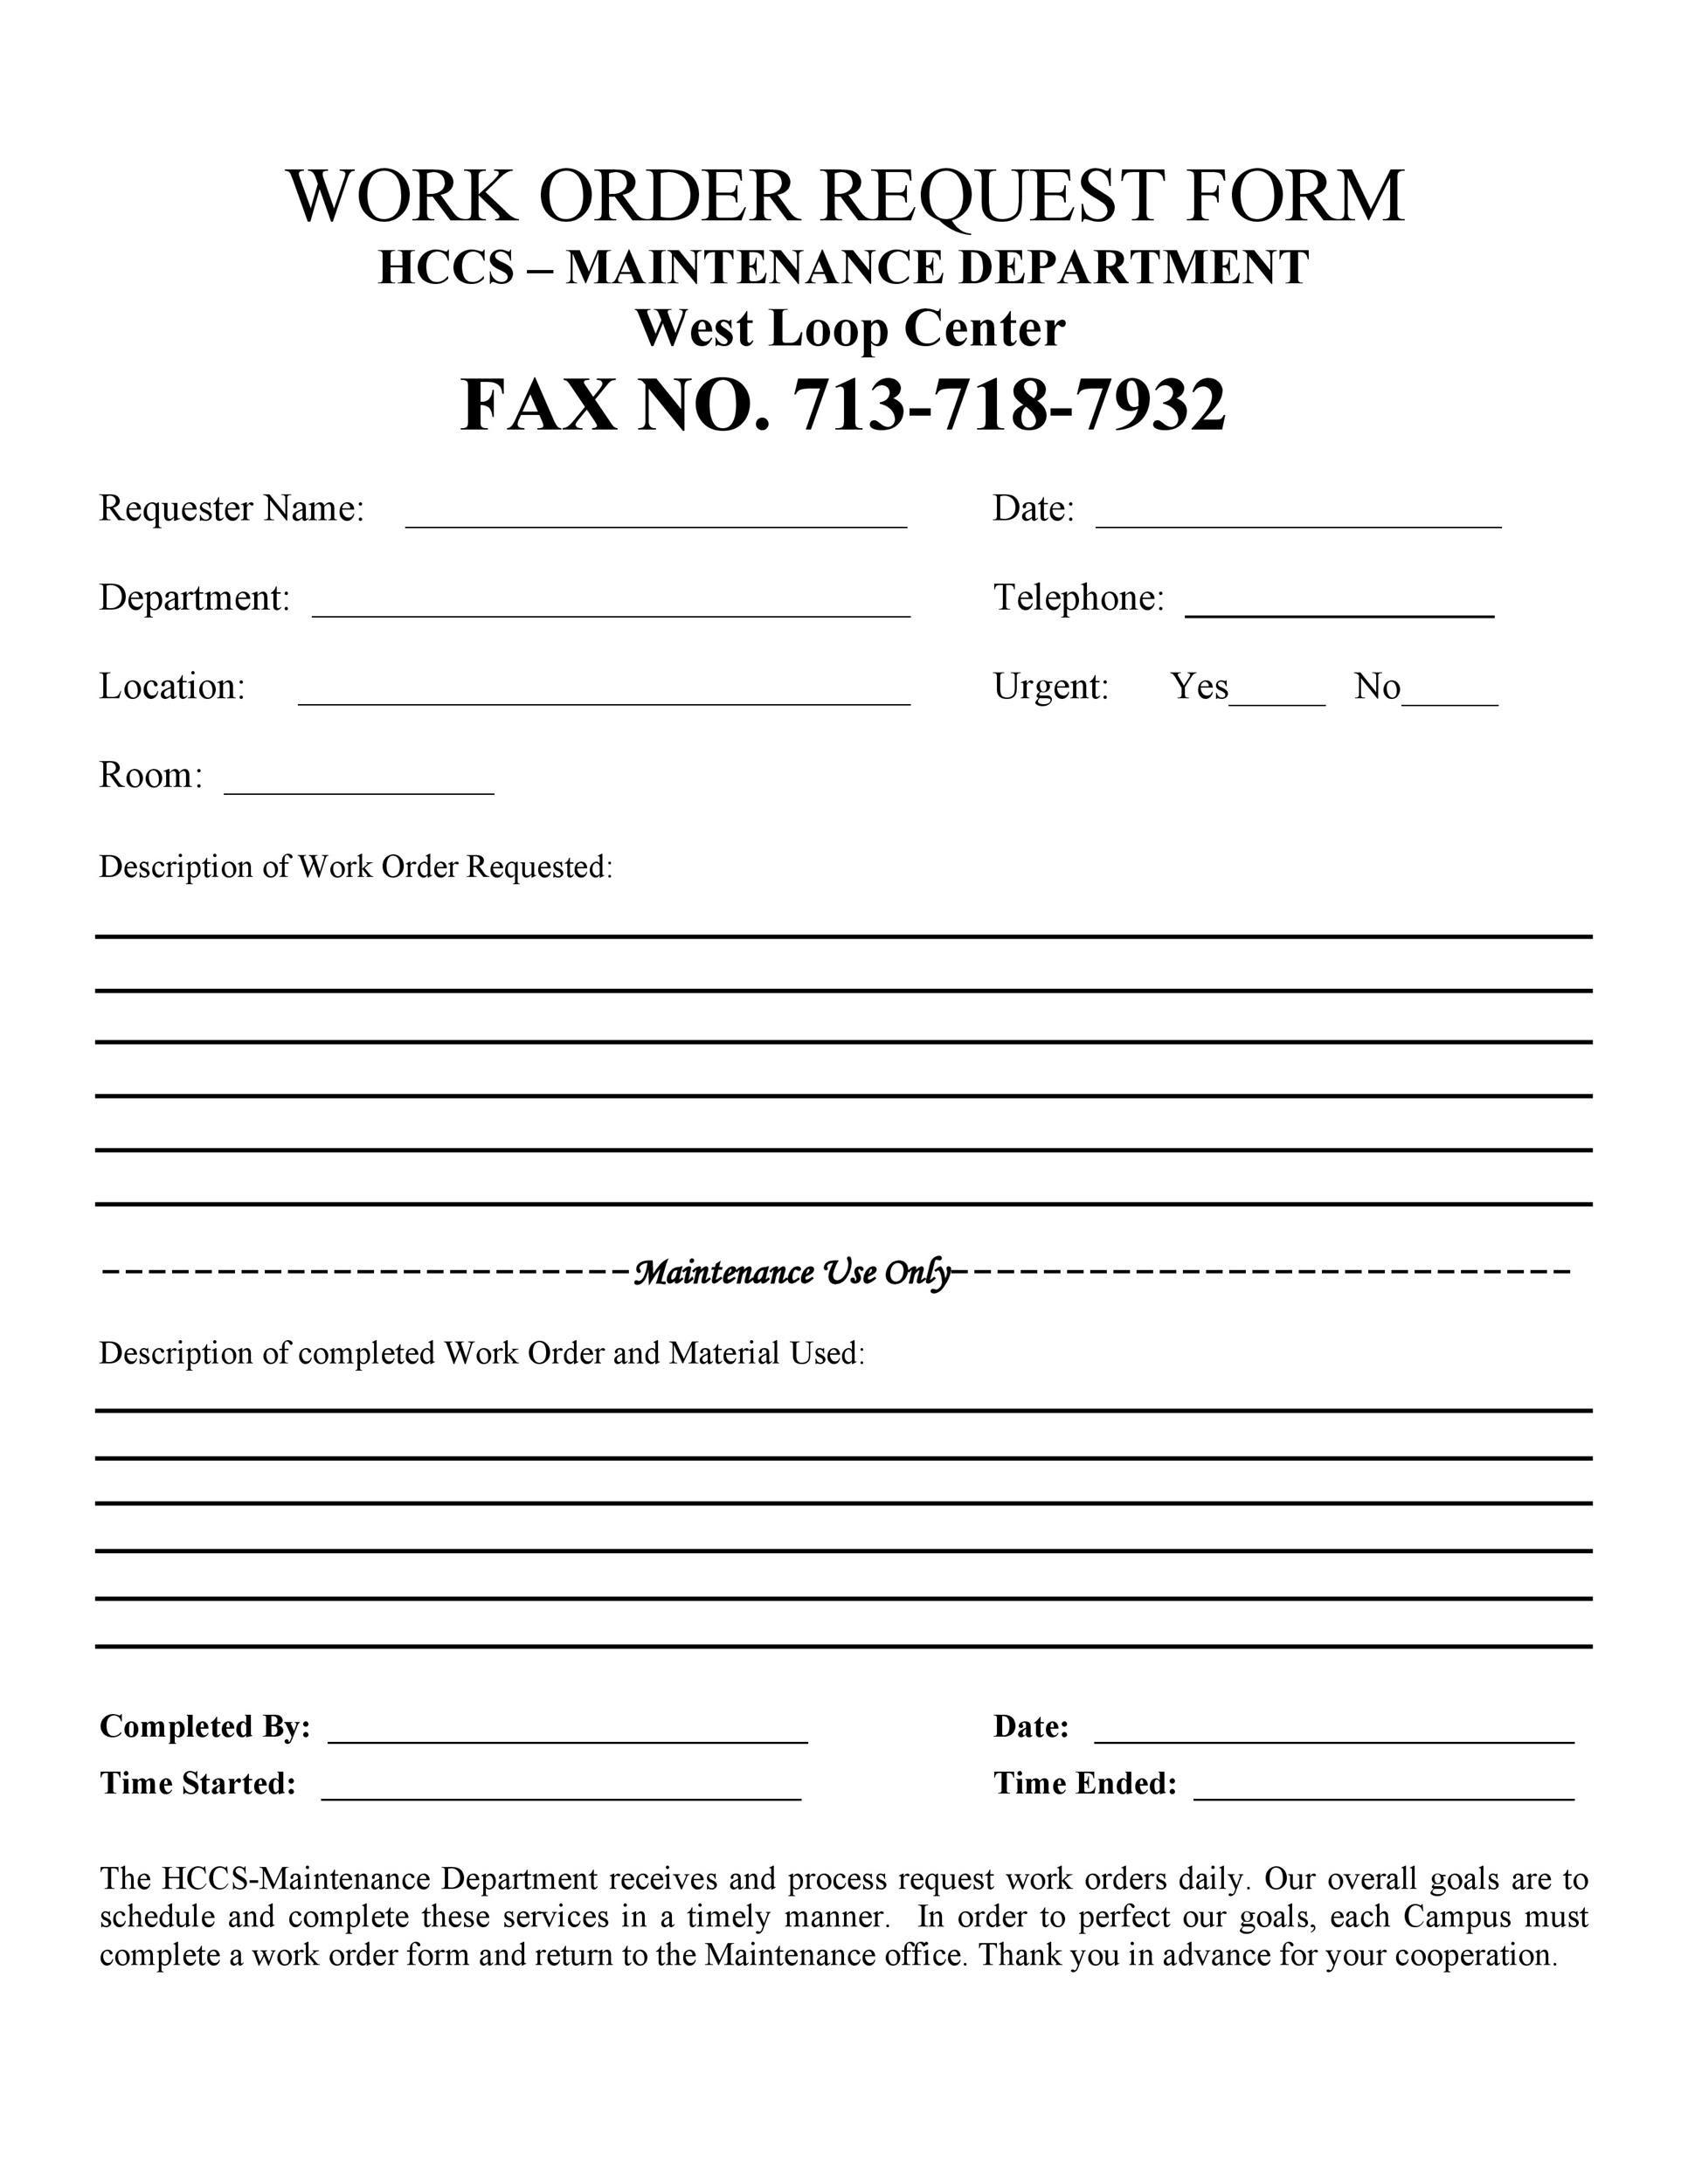 40 Order Form Templates Work Order Change Order More